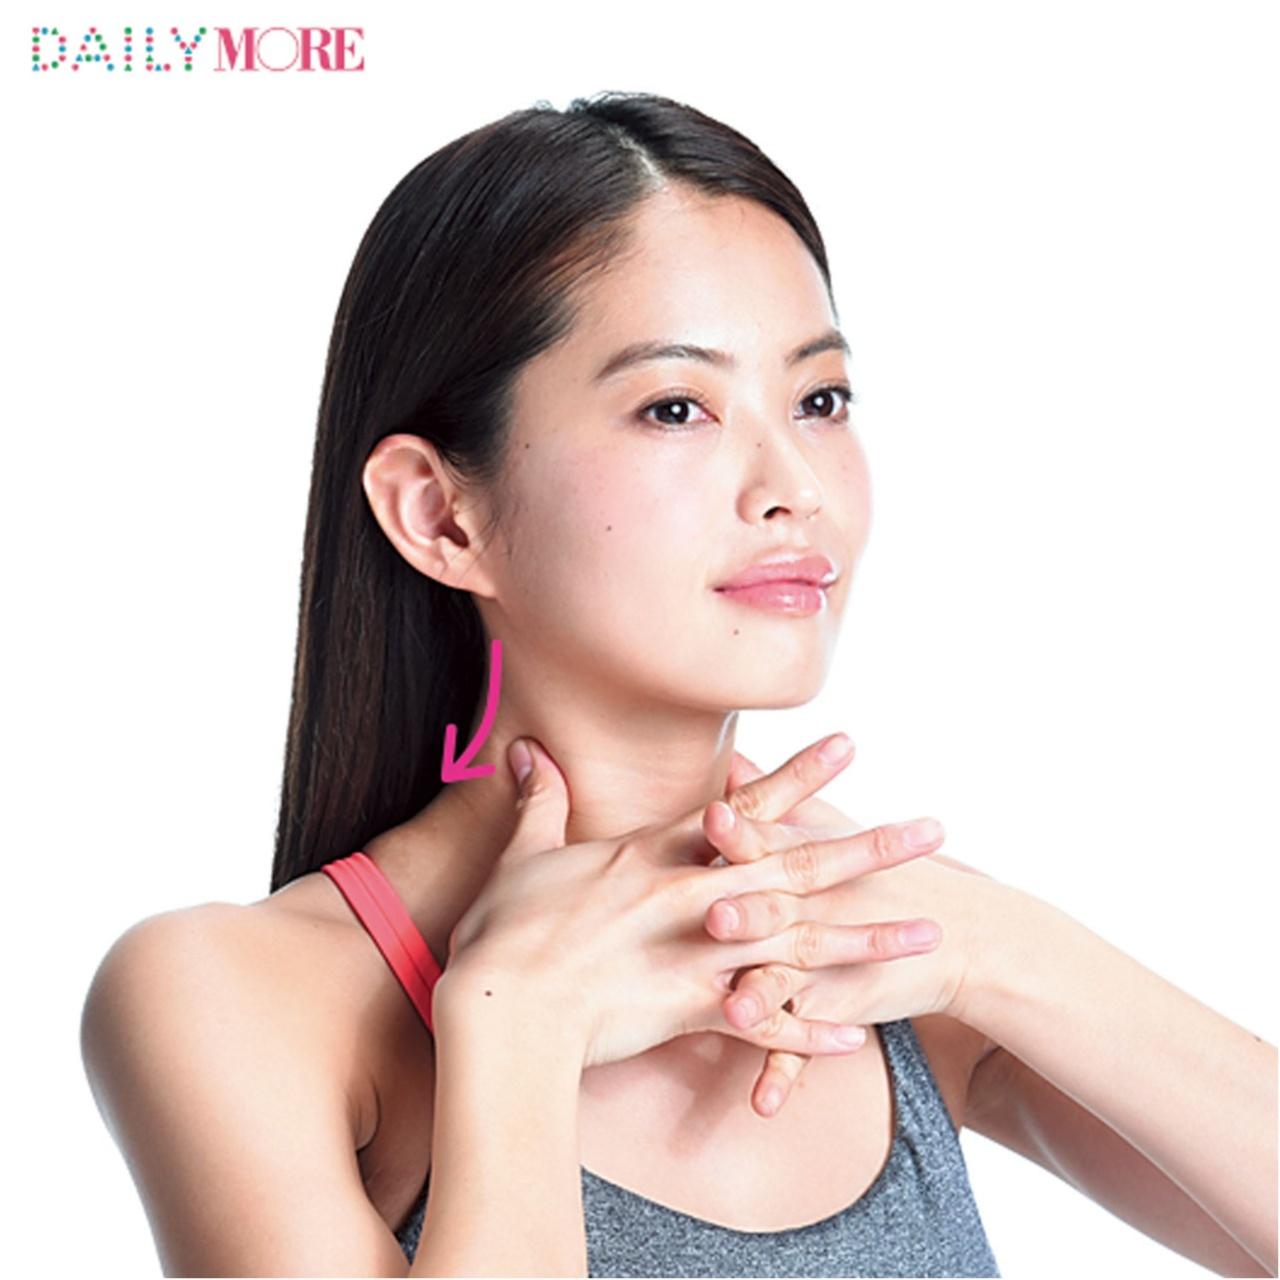 20代女子の薄毛が増えている! 薄毛予防の「頭皮マッサージ」を今すぐはじめよう_3